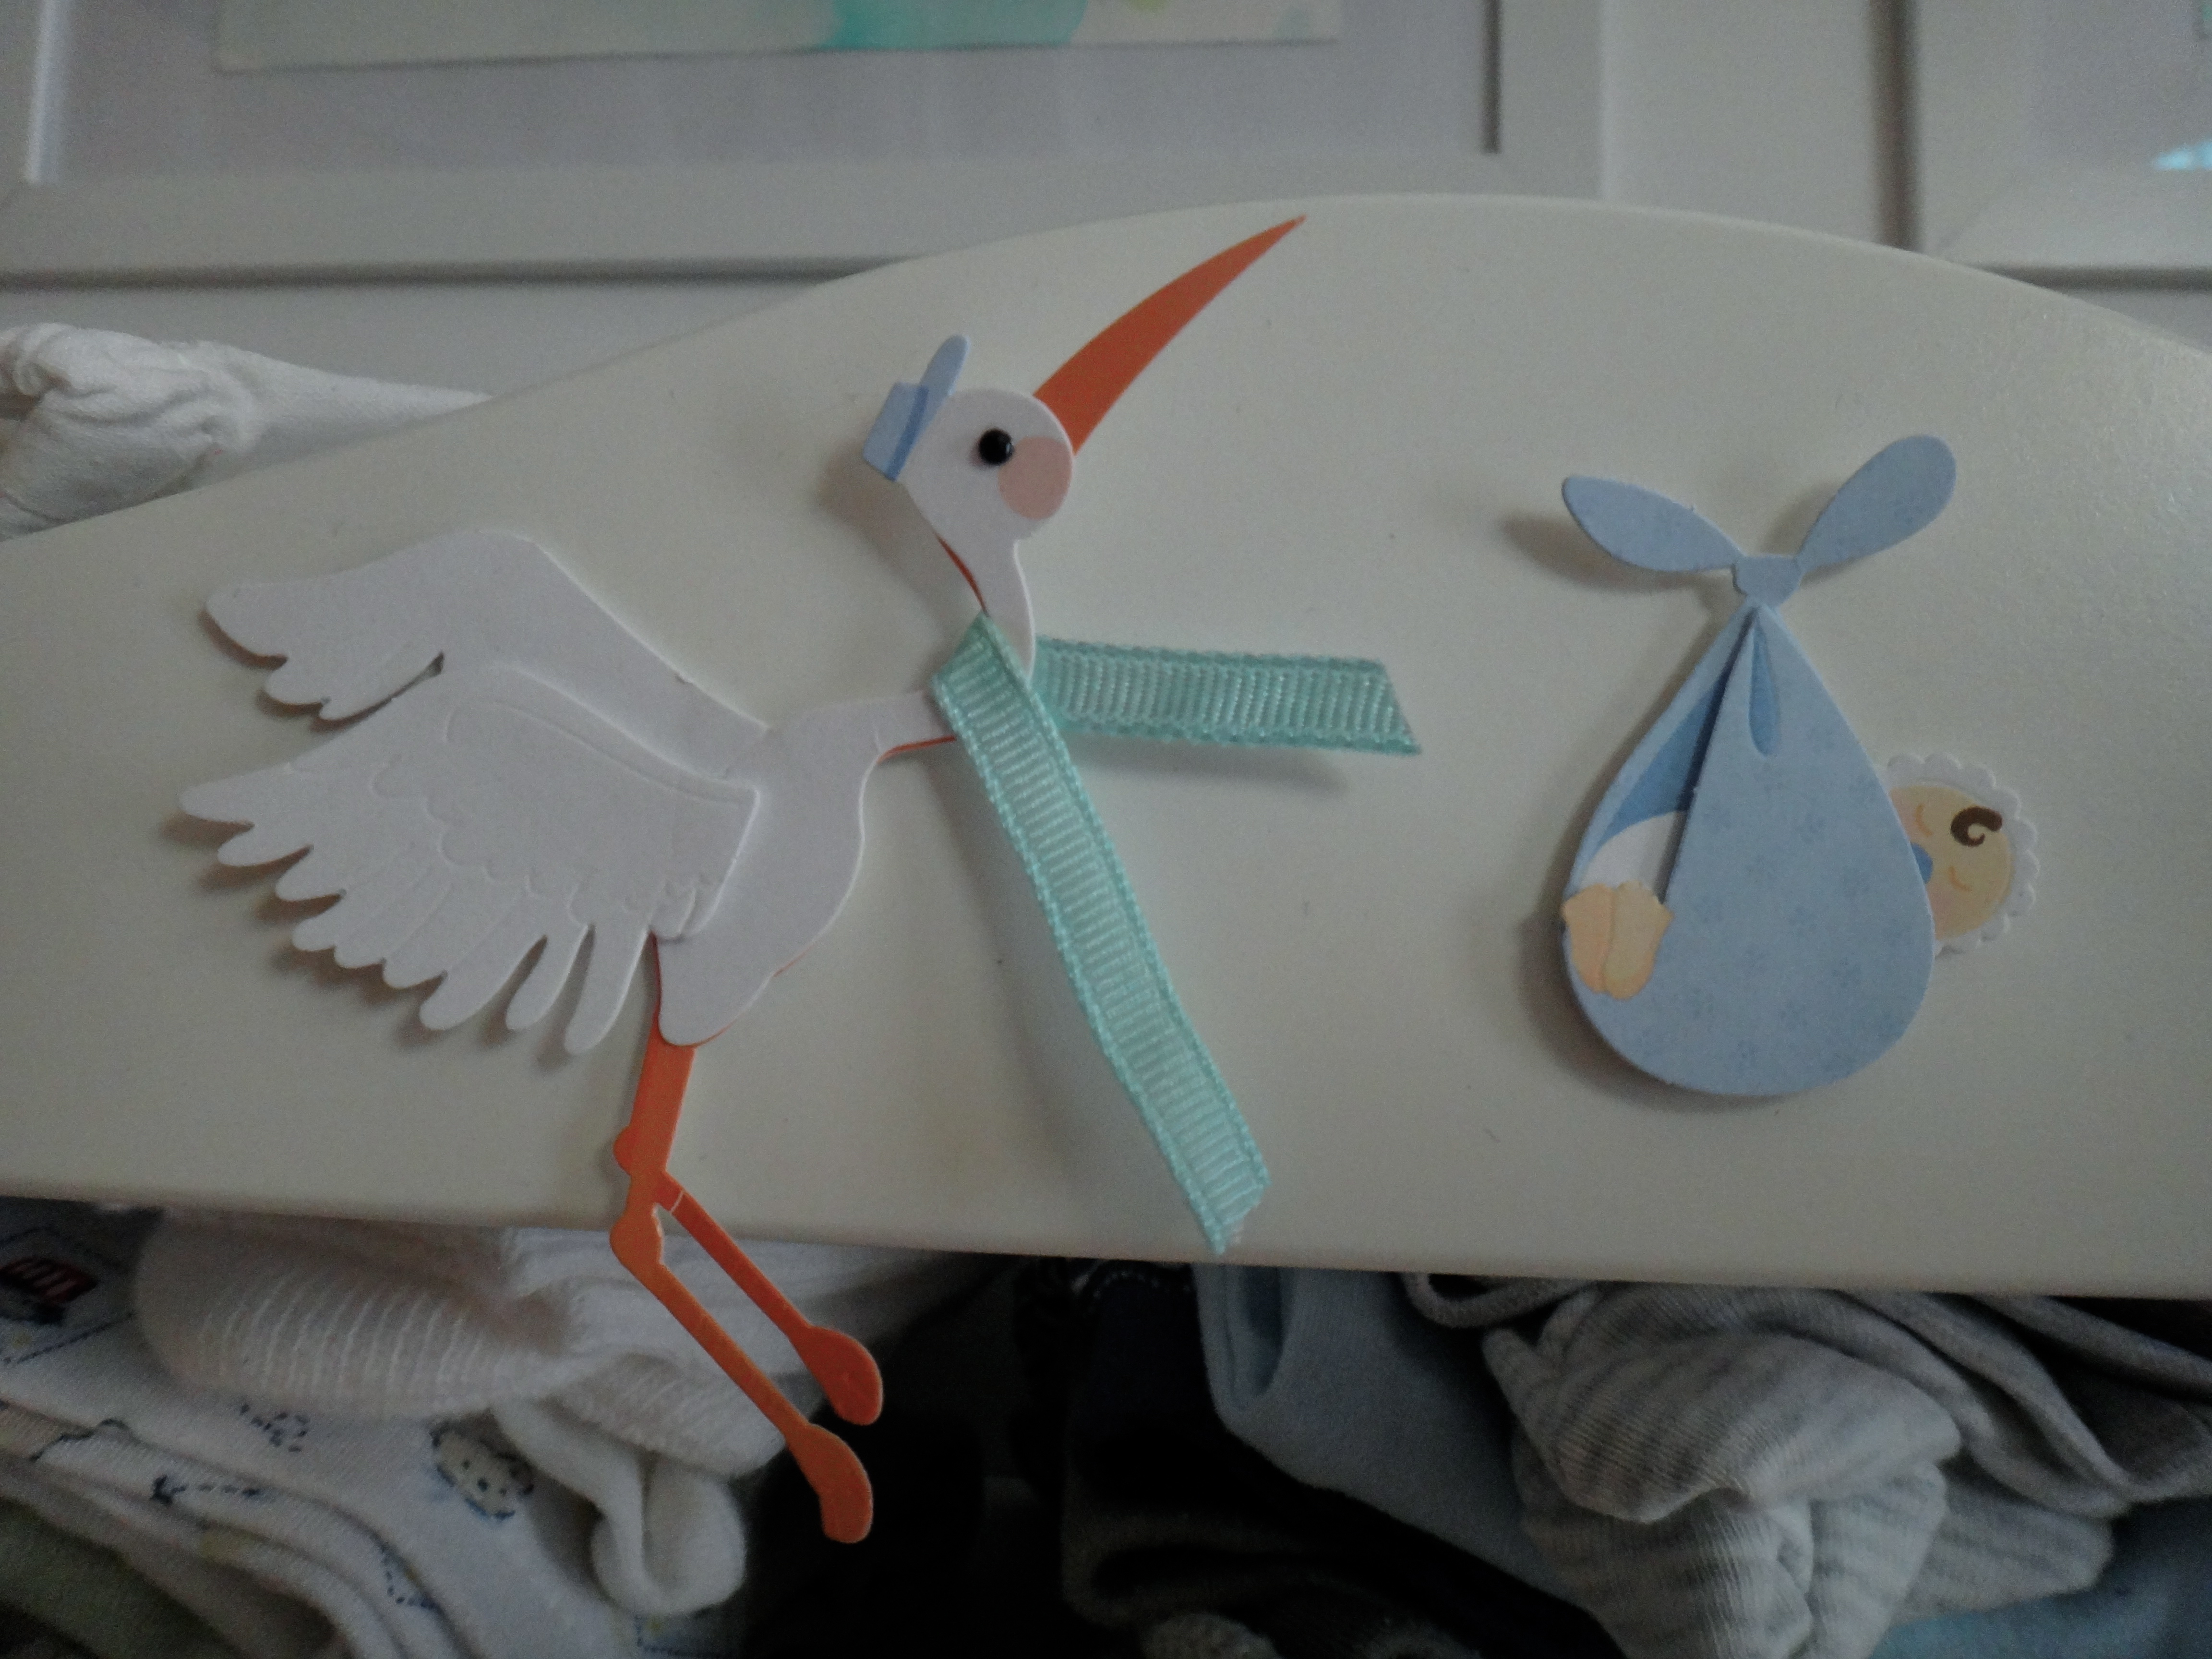 ♡ Préparer la valise pour la maternité c'est pas si compliqué ?  ♡ Préparer la valise pour la maternité c'est pas si compliqué ?  ♡ Préparer la valise pour la maternité c'est pas si compliqué ?  ♡ Préparer la valise pour la maternité c'est pas si compliqué ?  ♡ Préparer la valise pour la maternité c'est pas si compliqué ?  ♡ Préparer la valise pour la maternité c'est pas si compliqué ?  ♡ Préparer la valise pour la maternité c'est pas si compliqué ?  ♡ Préparer la valise pour la maternité c'est pas si compliqué ?  ♡ Préparer la valise pour la maternité c'est pas si compliqué ?  ♡ Préparer la valise pour la maternité c'est pas si compliqué ?  ♡ Préparer la valise pour la maternité c'est pas si compliqué ?  ♡ Préparer la valise pour la maternité c'est pas si compliqué ?  ♡ Préparer la valise pour la maternité c'est pas si compliqué ?  ♡ Préparer la valise pour la maternité c'est pas si compliqué ?